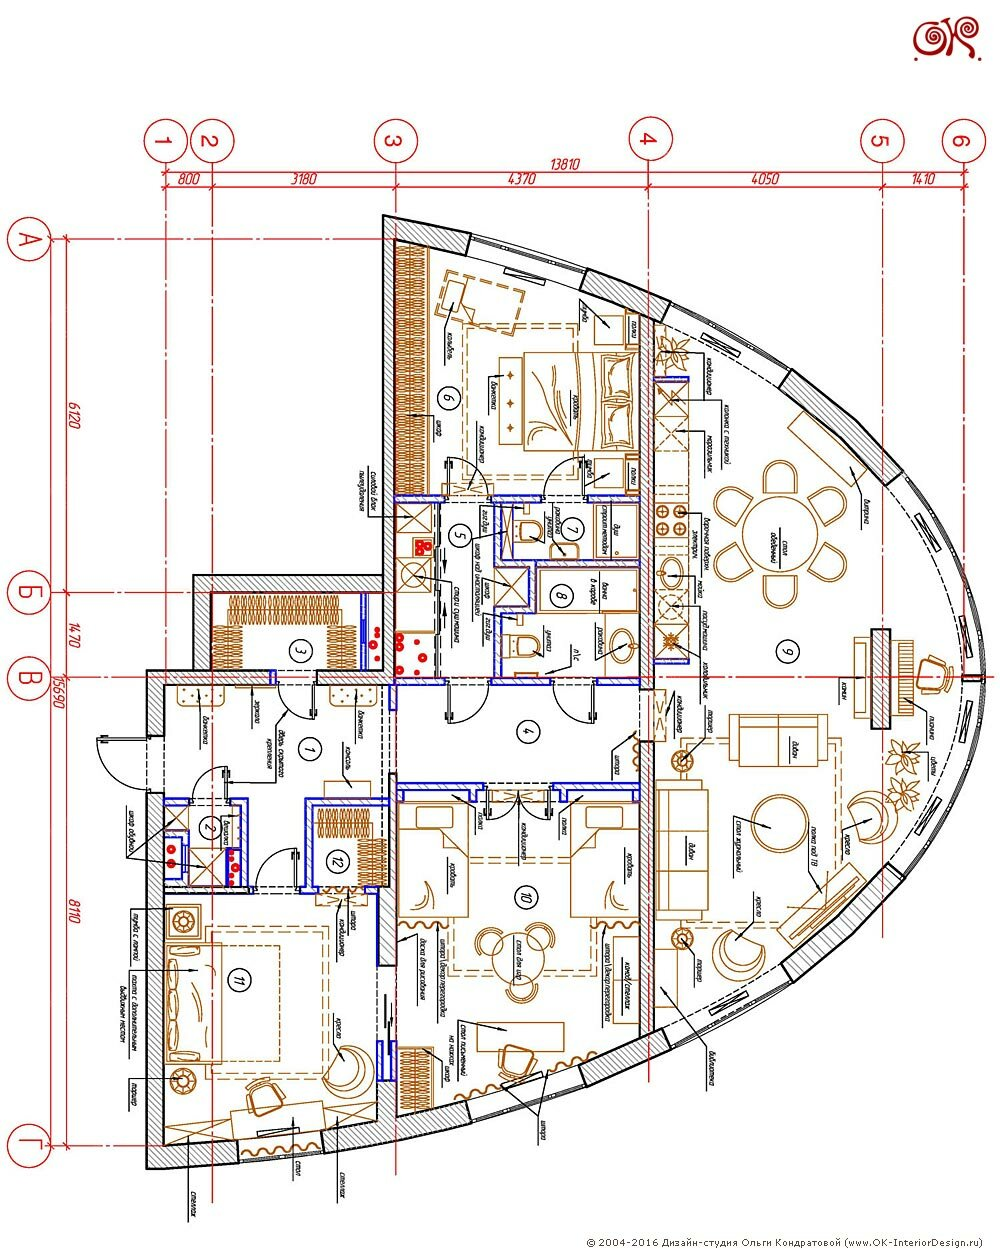 Как заказать проект перепланировки квартиры